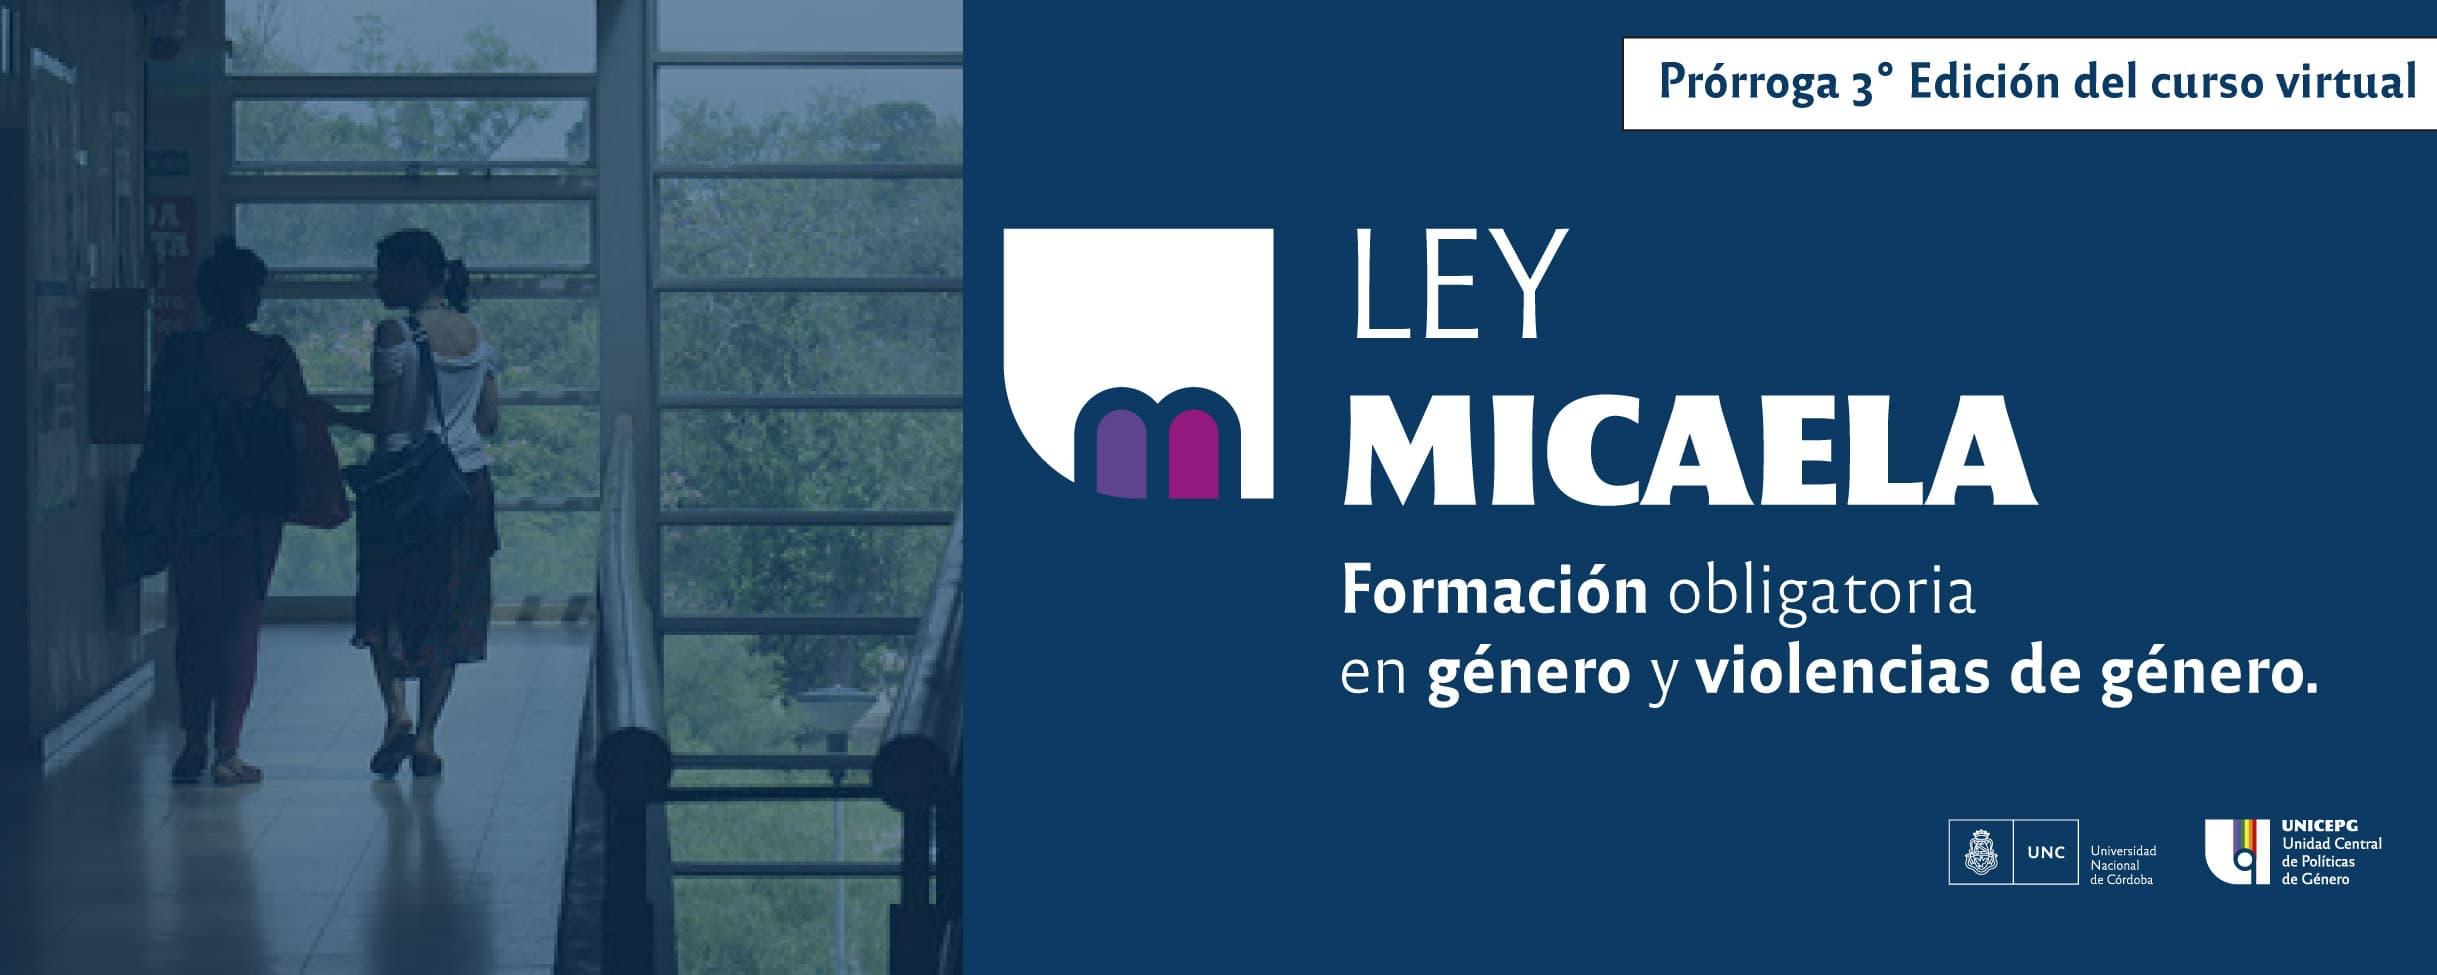 Prorroga curso virtual Ley Micaela en la UNC